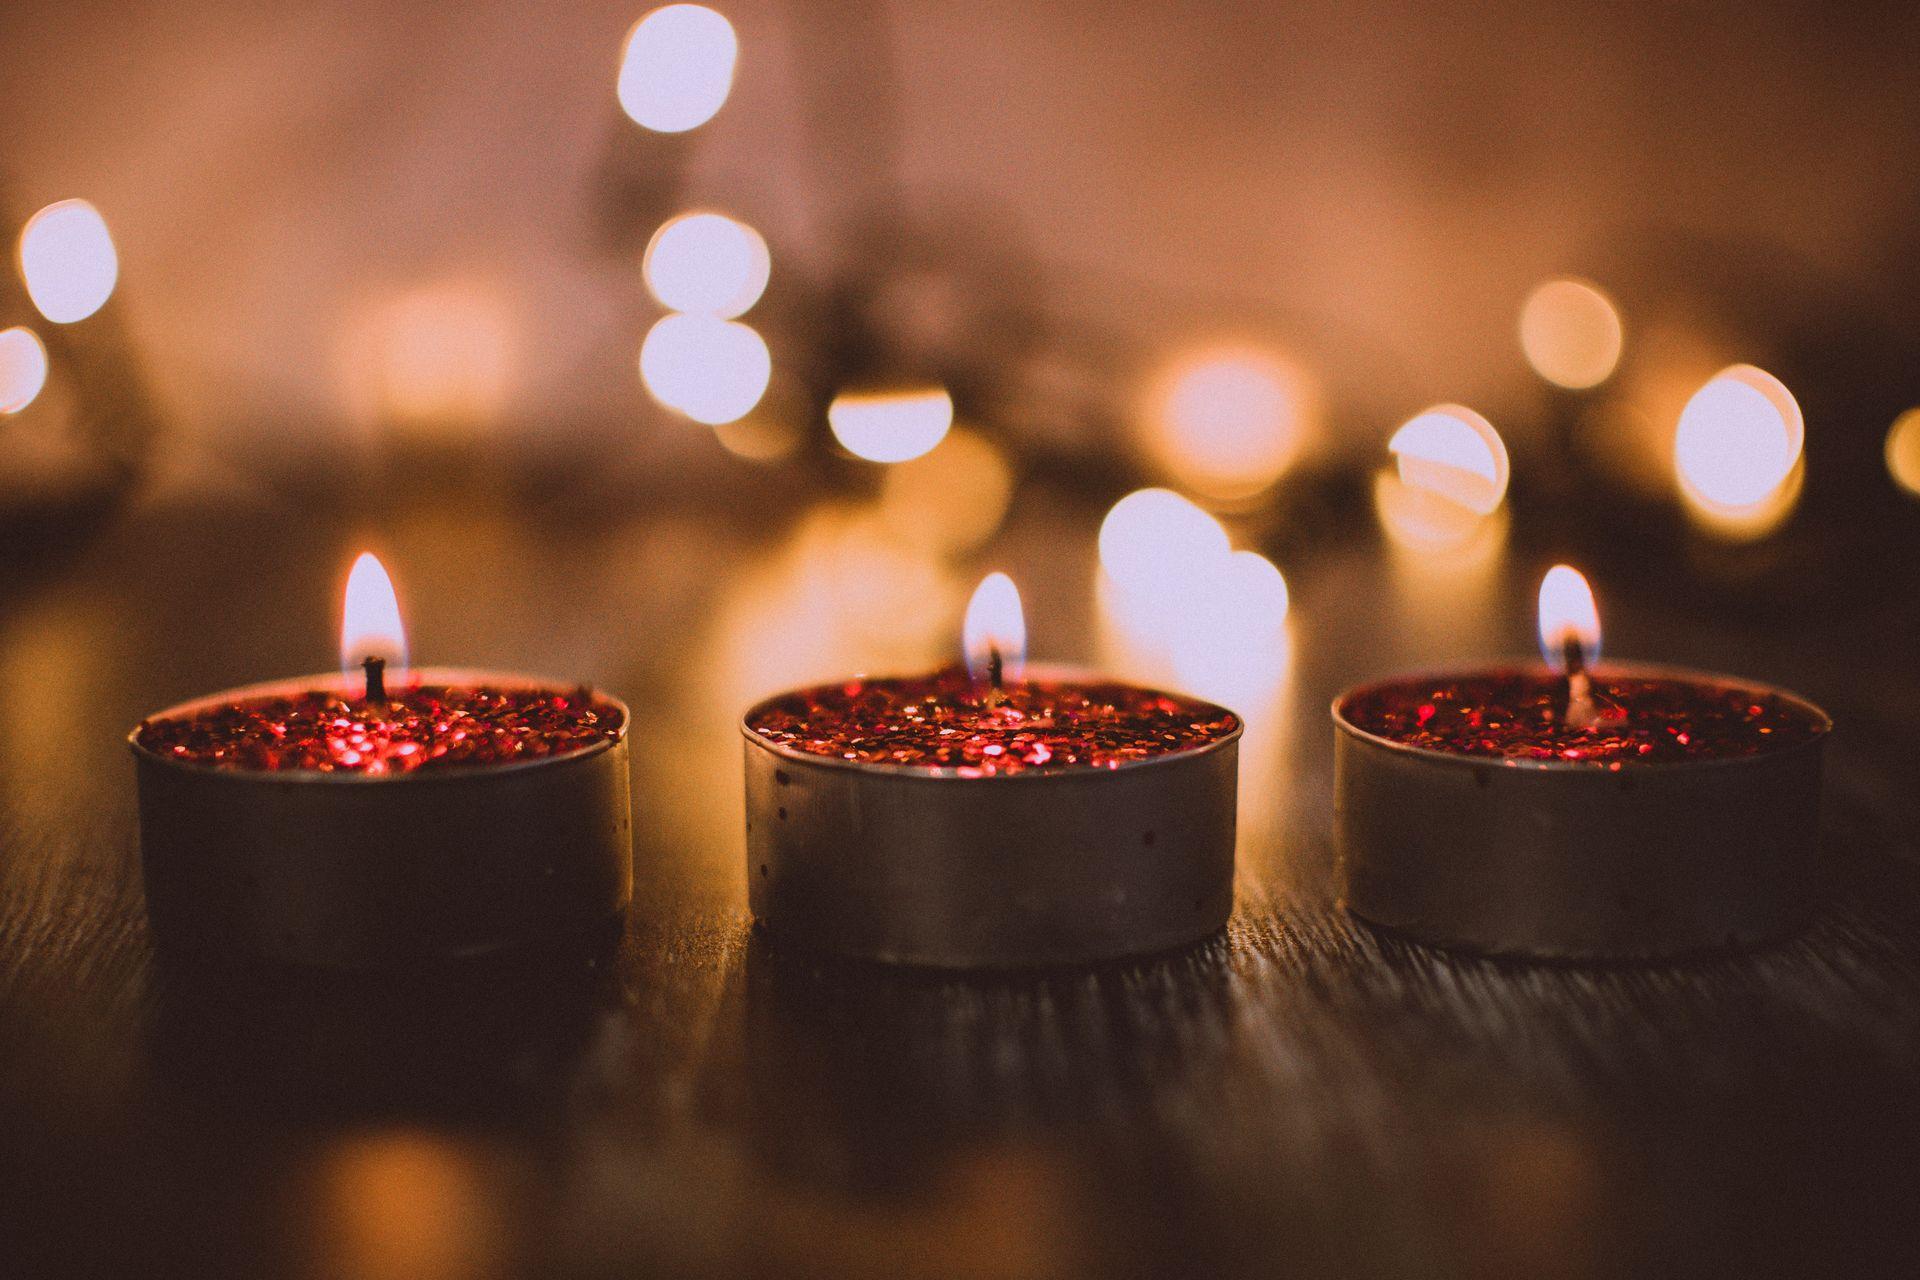 Makroaufnahme von brennenden Kerzen